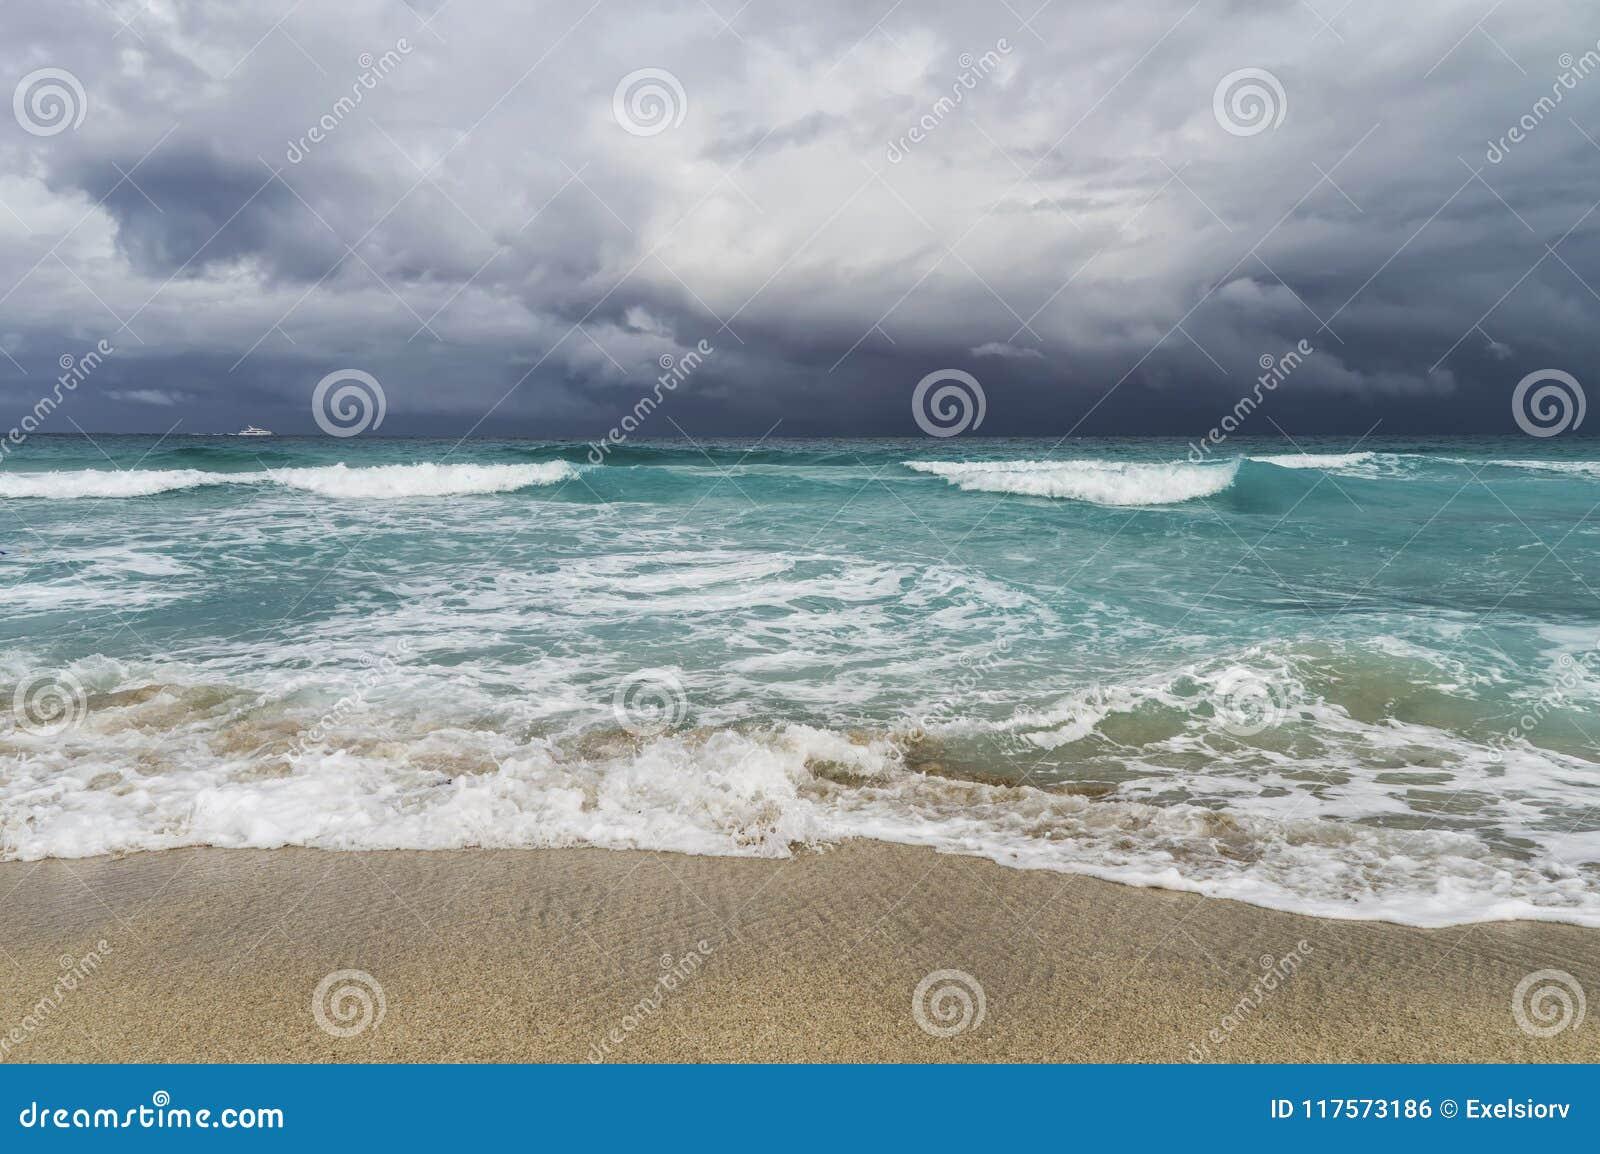 Onweer in de Atlantische Oceaan, golven, strand, kustlijn, wit jacht op de horizon, lage troebelheid